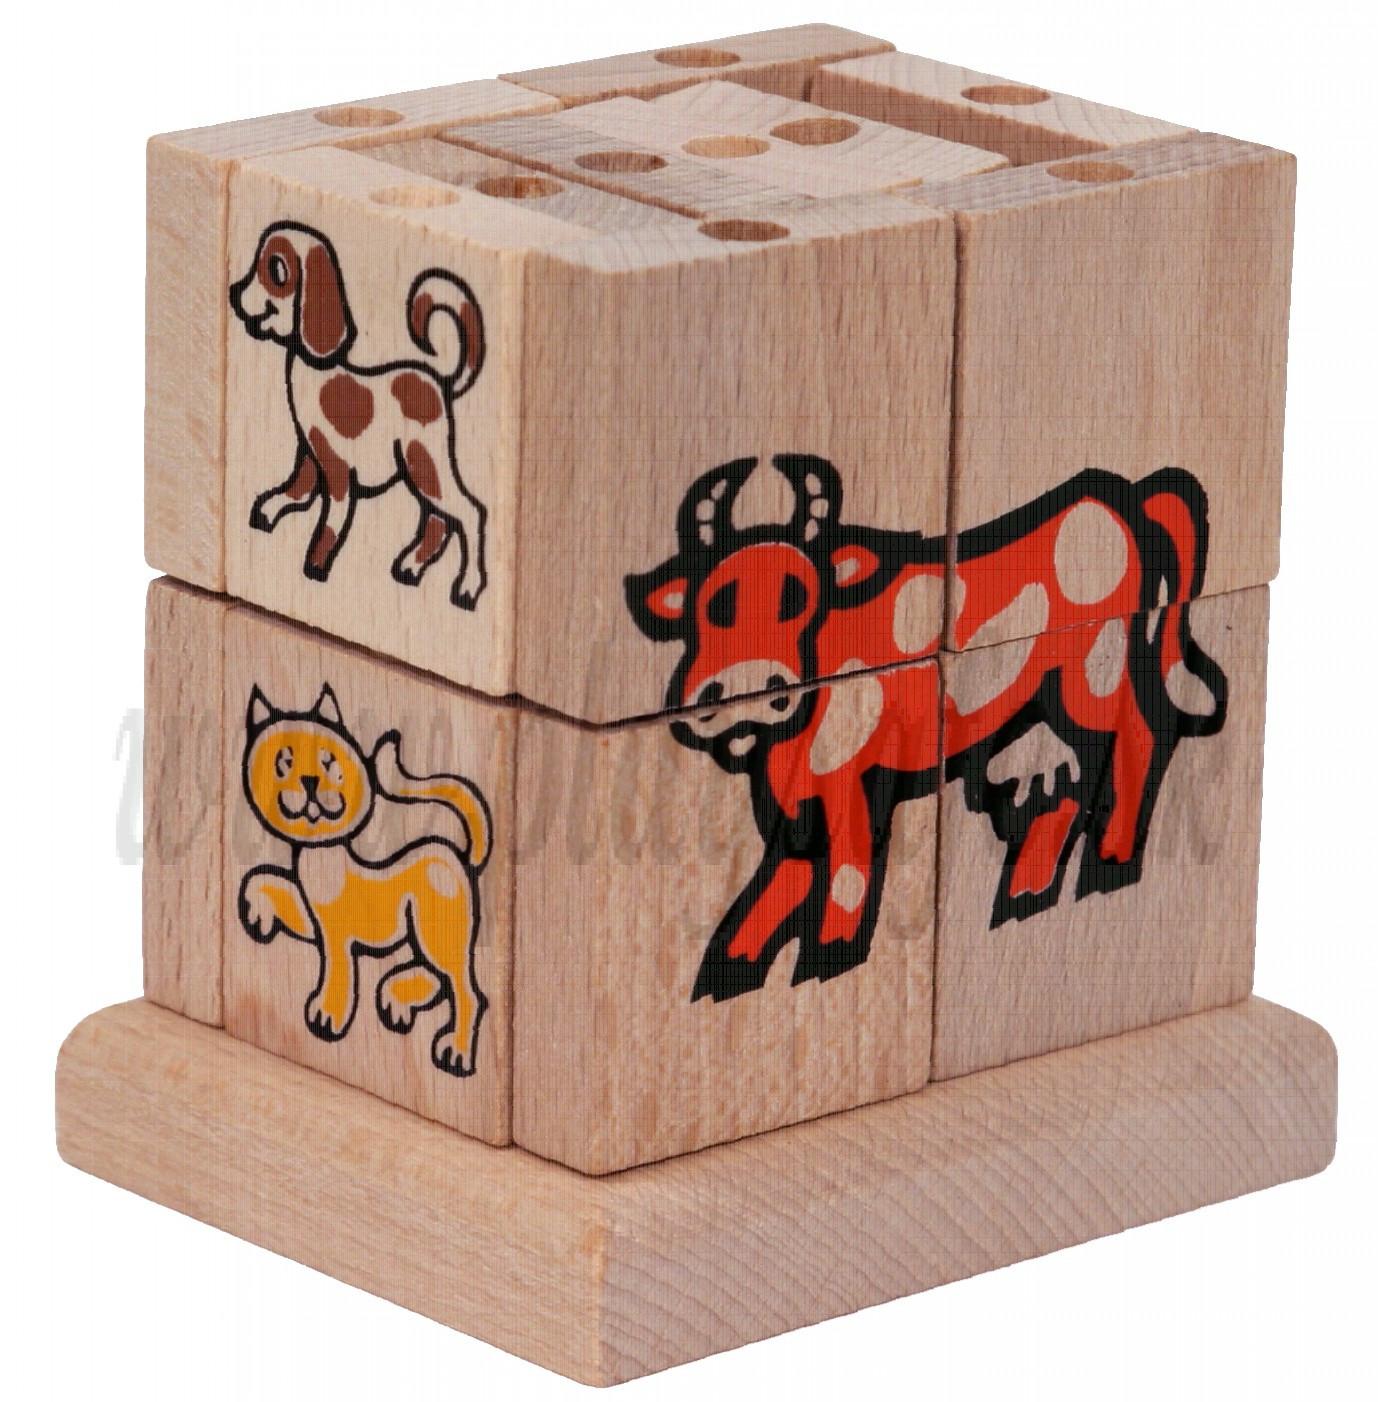 MIK Drevená skladacia kocka domáce zvieratká, 20ks